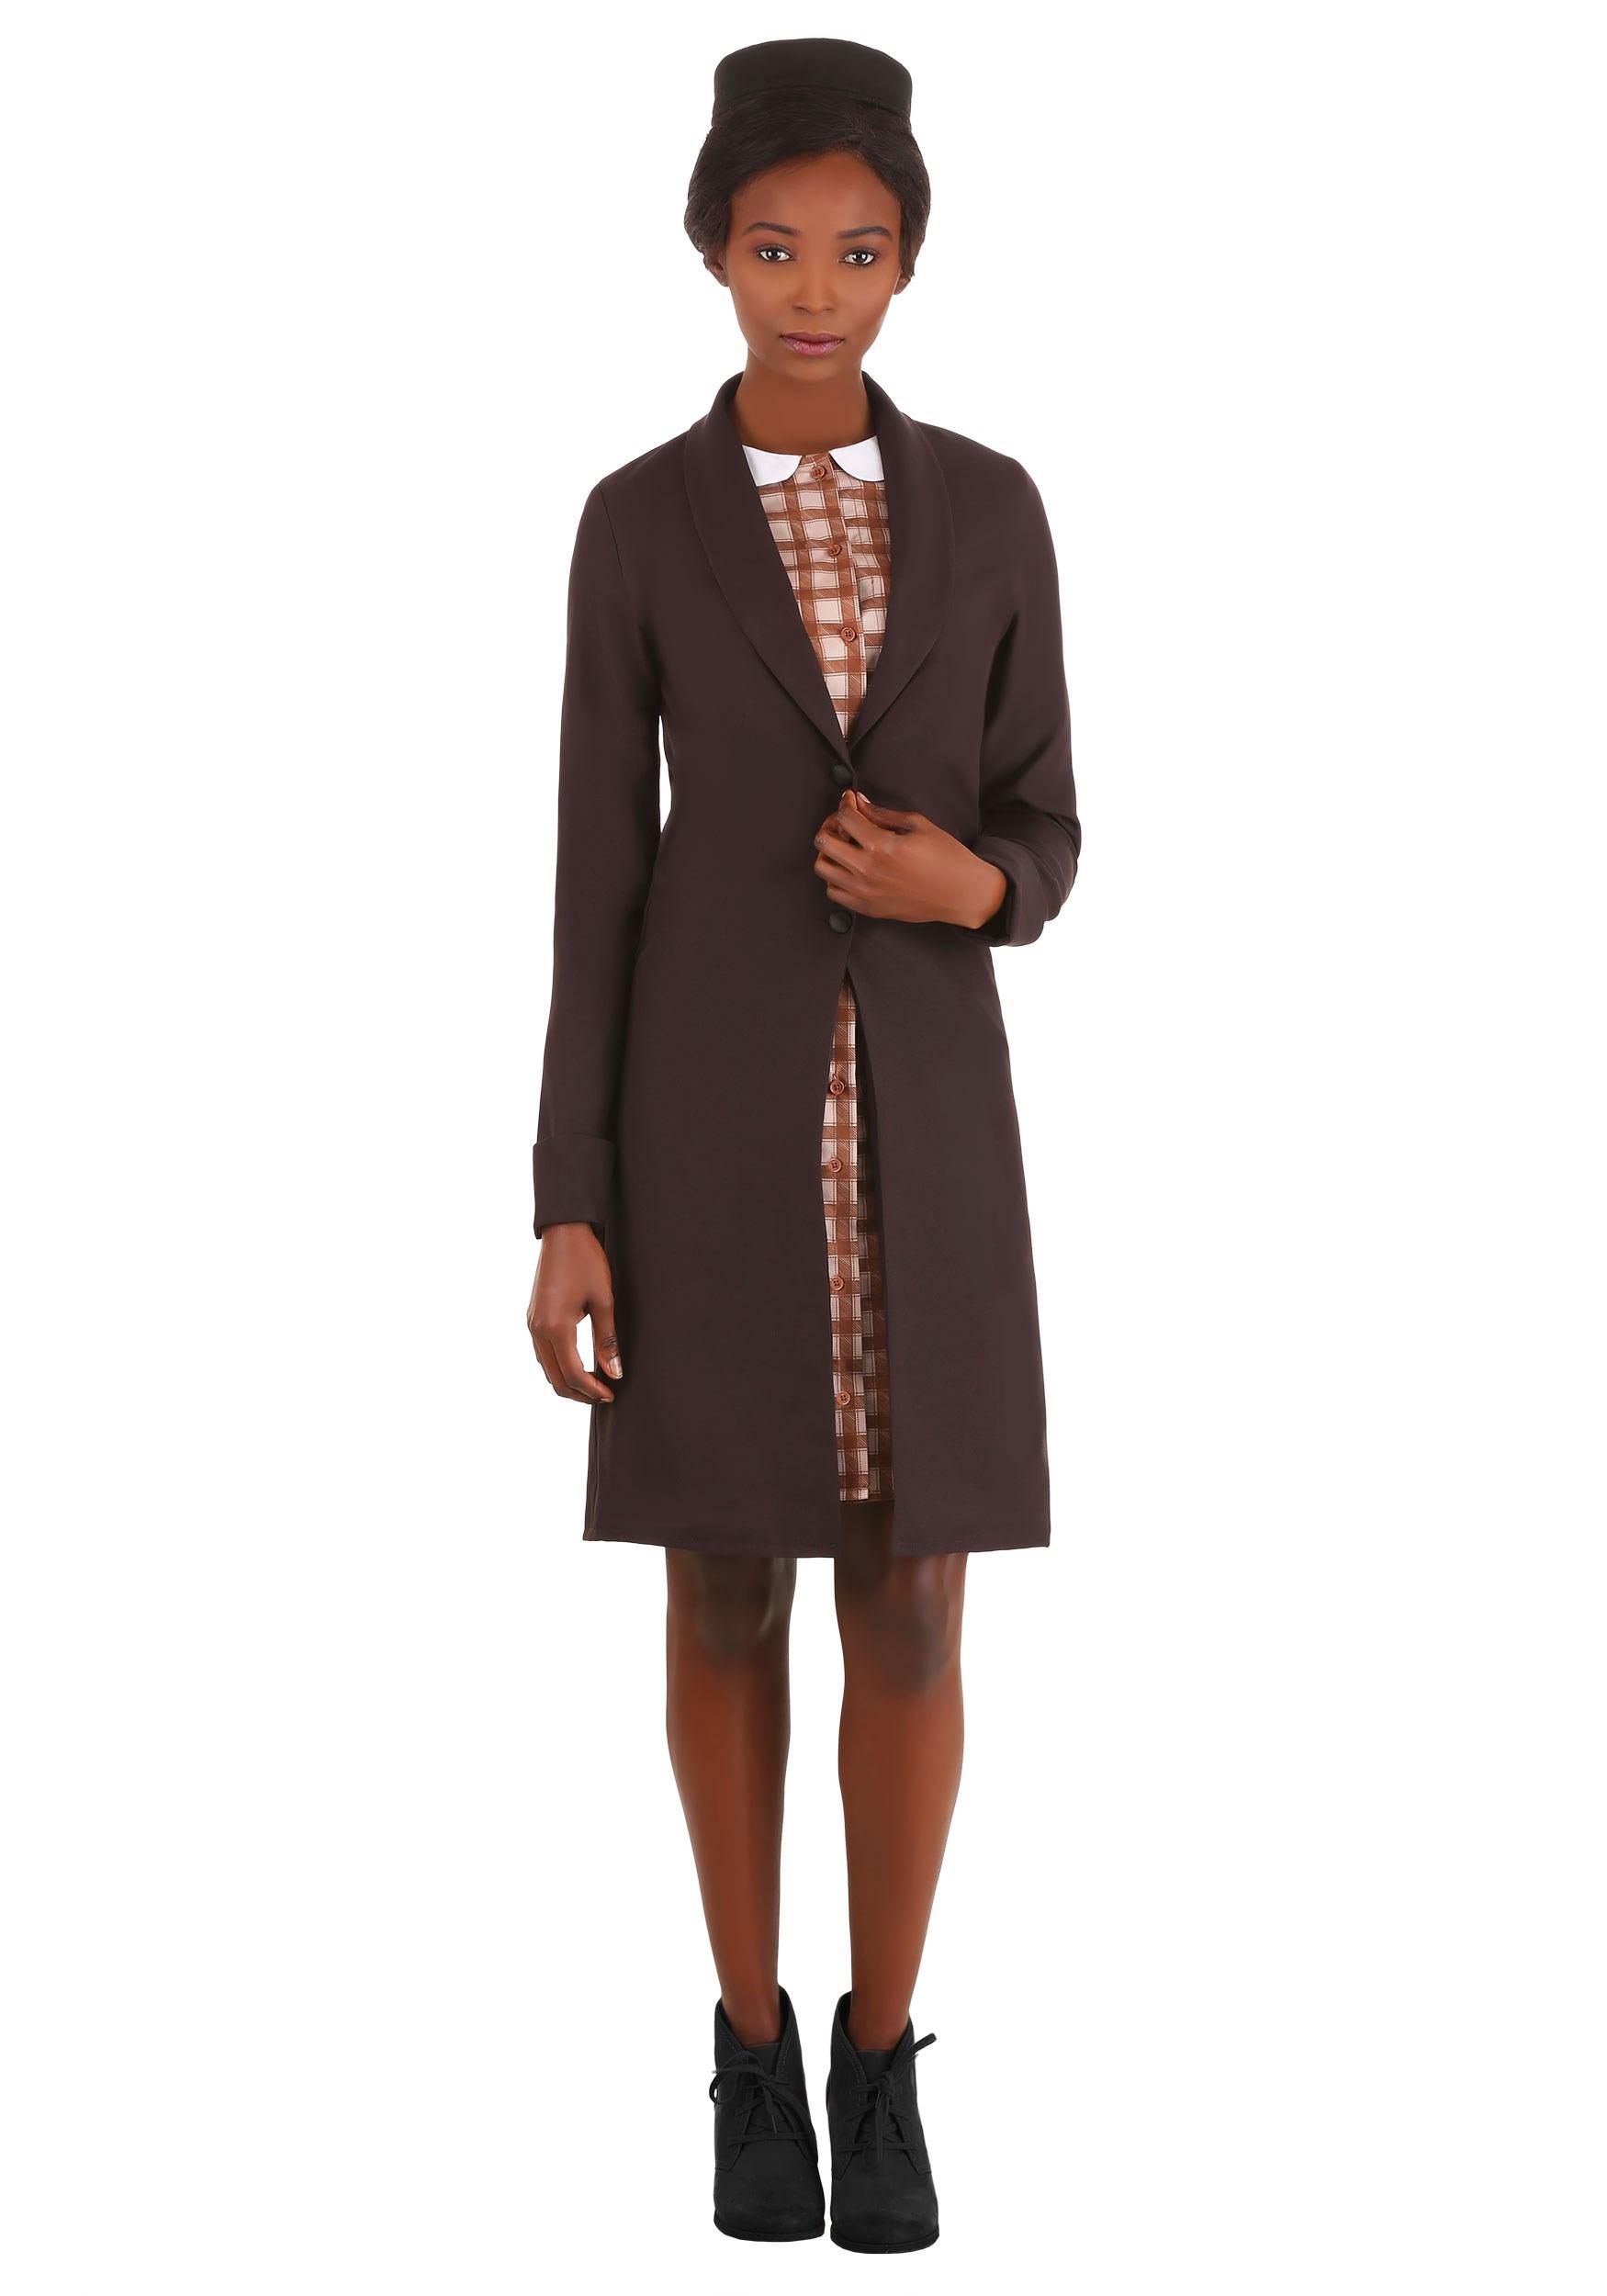 Rosa Parks Costume for Women